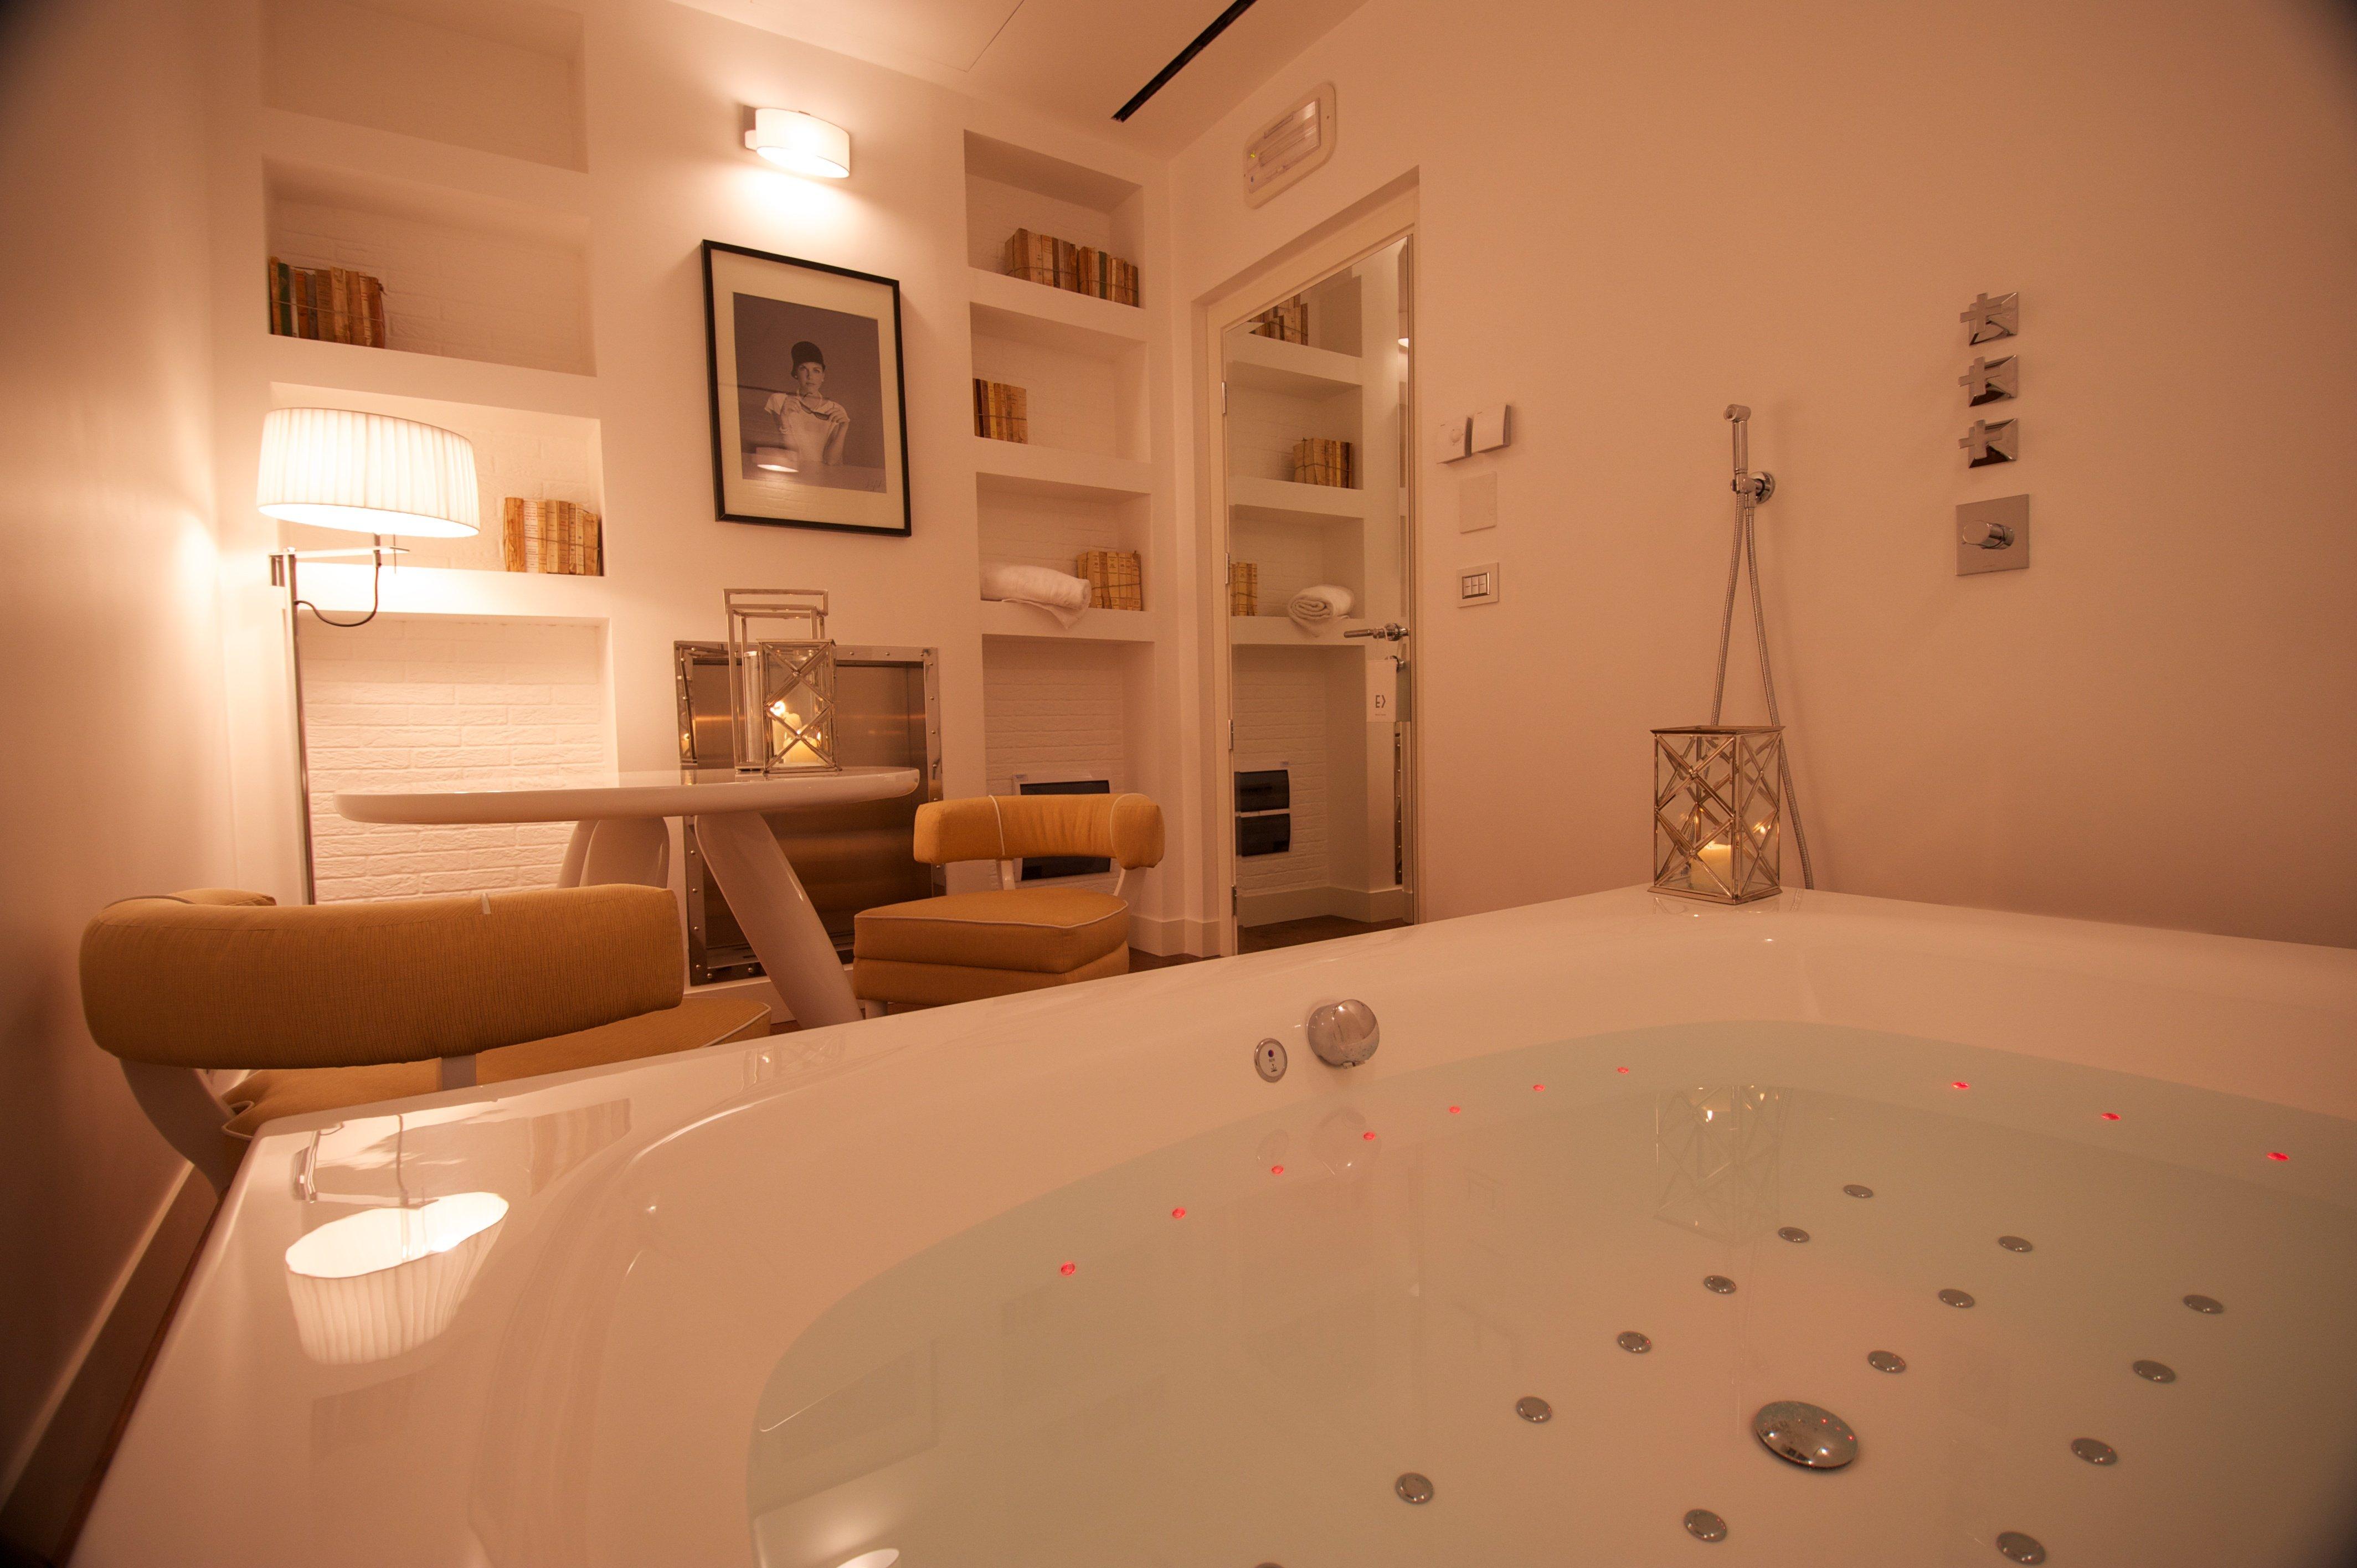 vasca da bagno di una sala di albergo